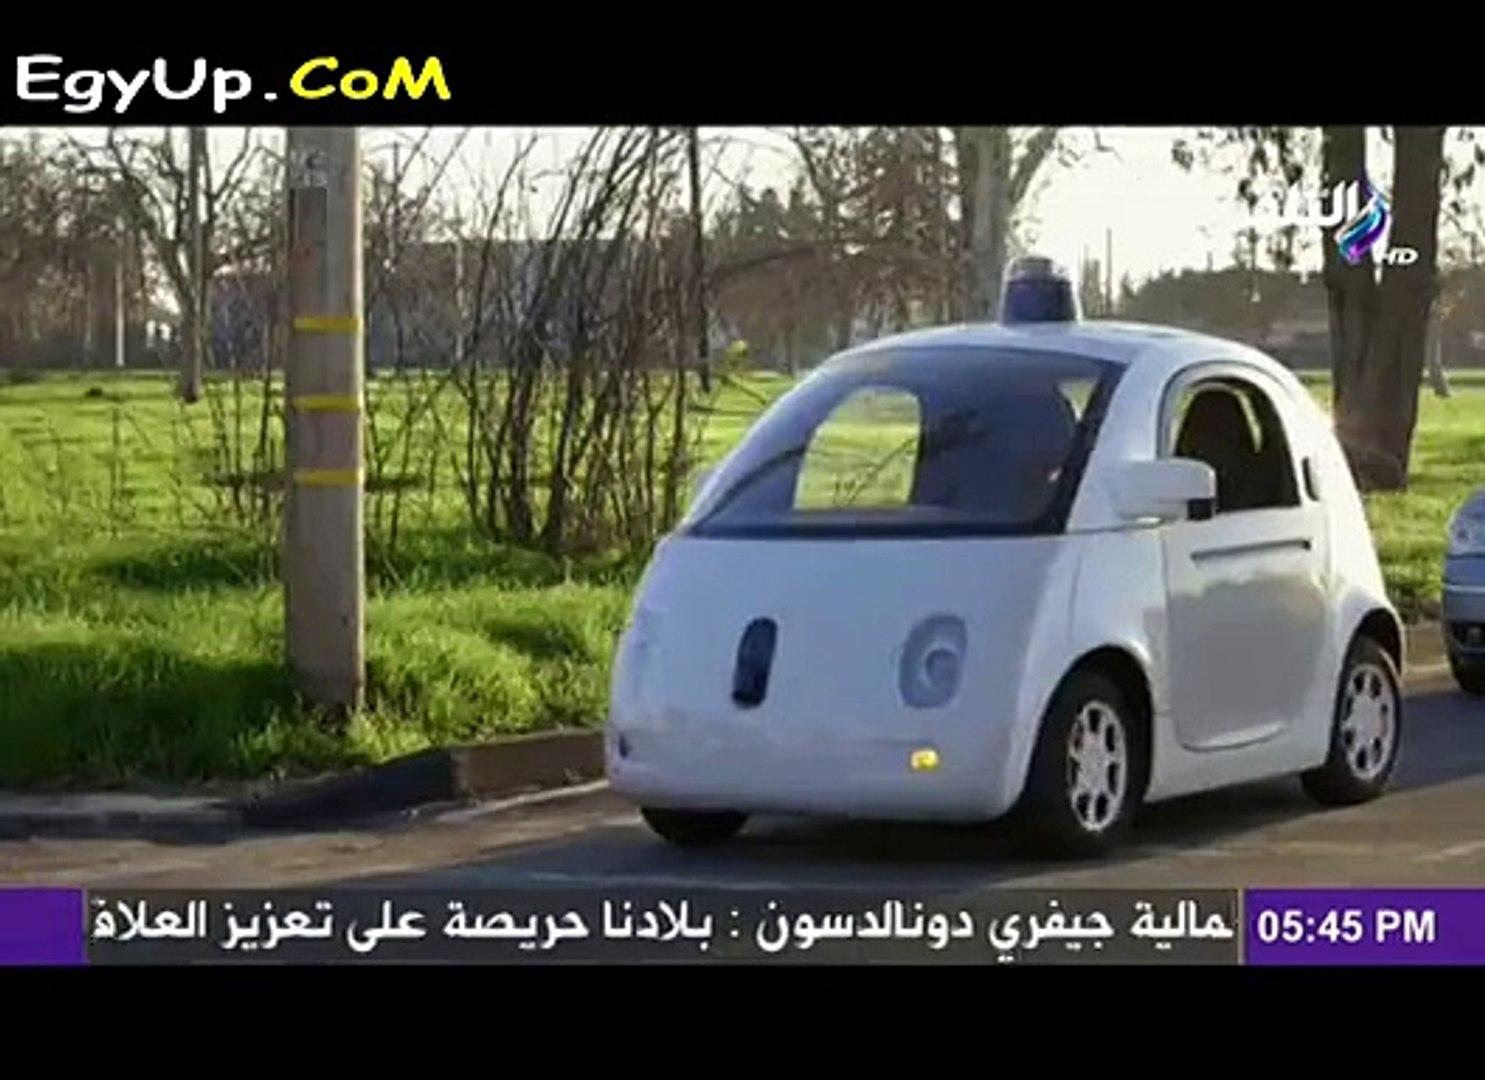 بالفيديو تعرف على النسخة الجديدة من سيارة جوجل الذكية التى لاتحتاج الى عجلة قيادة وتسير بدون تدخل بش